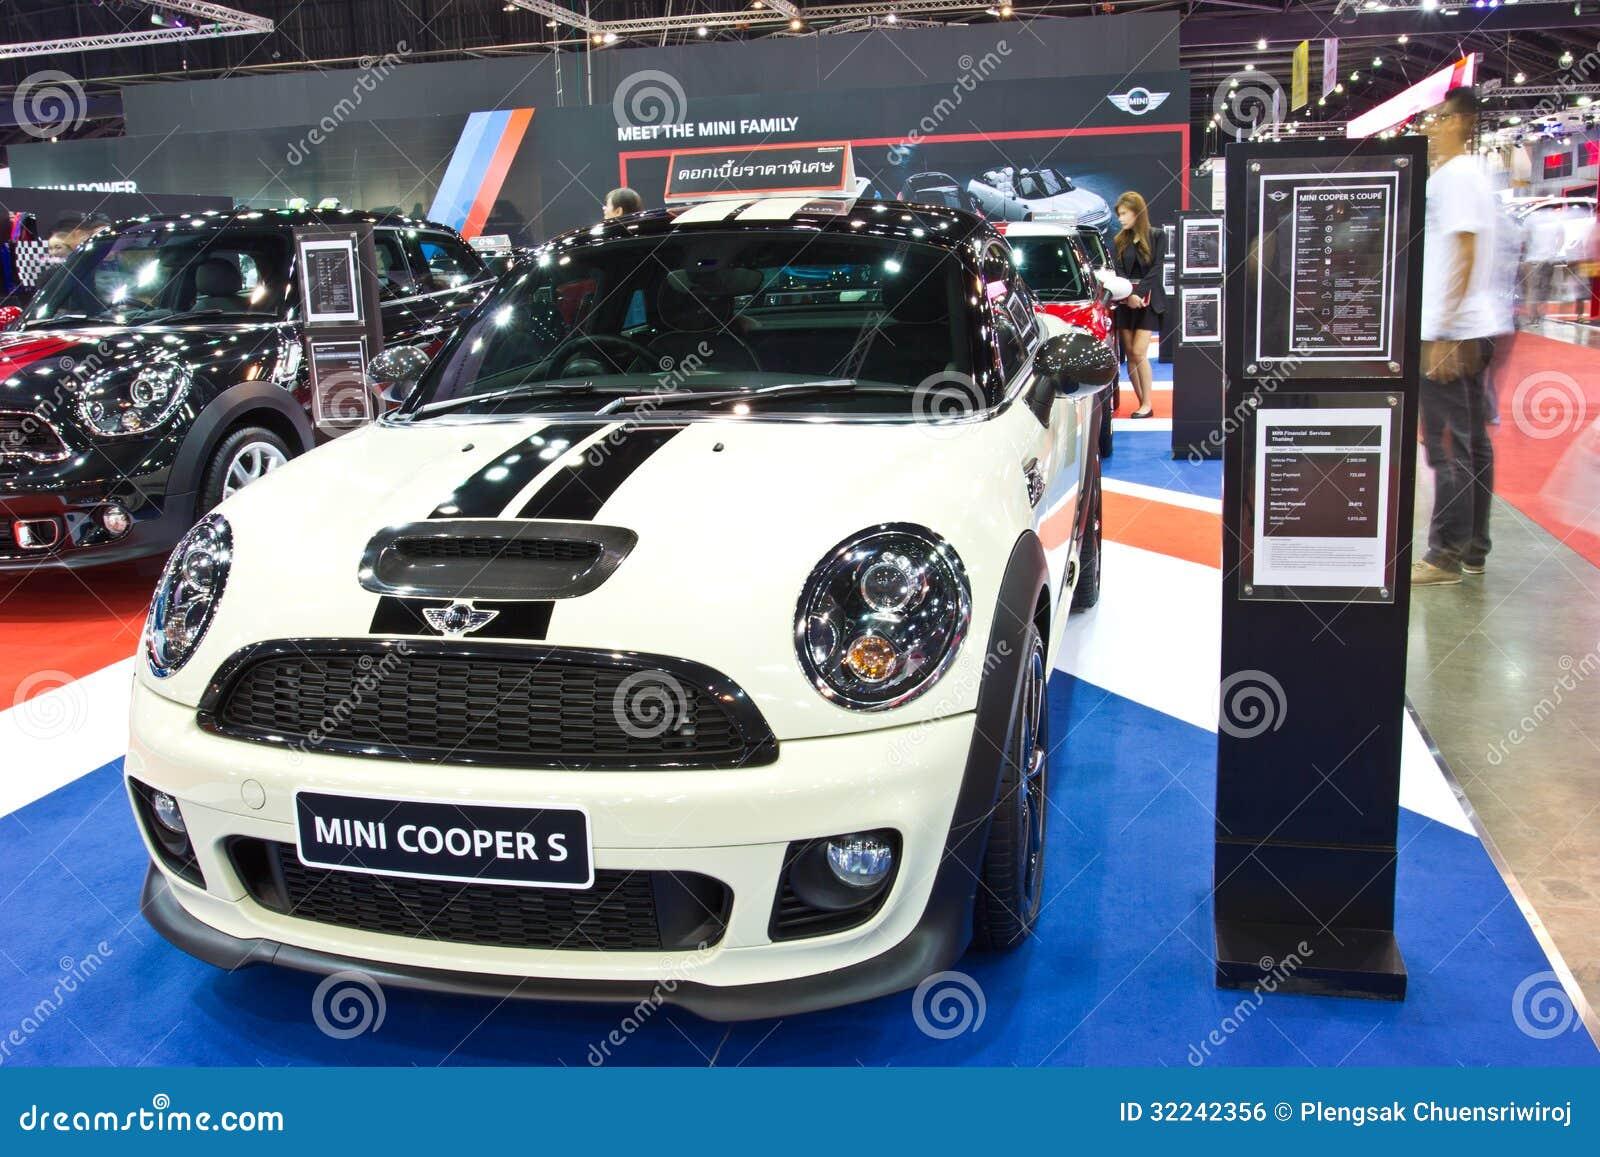 Mini Cooper Accessories 2013 >> Mini Cooper S Show At The Second Bangkok International Auto